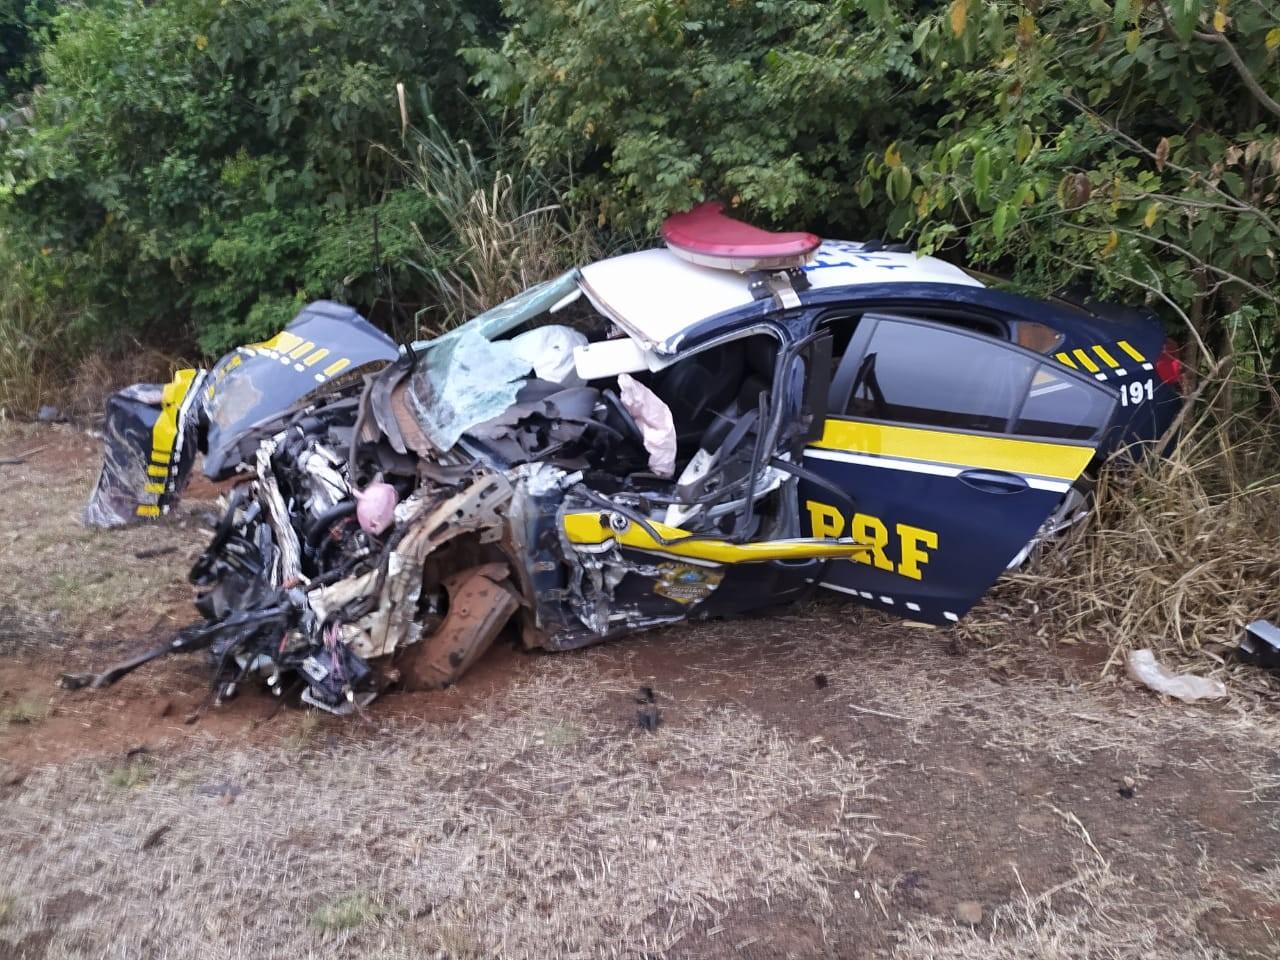 Viatura da PRF fica completamente destruída após colidir na lateral de caminhão na BR-163; agente sai ileso